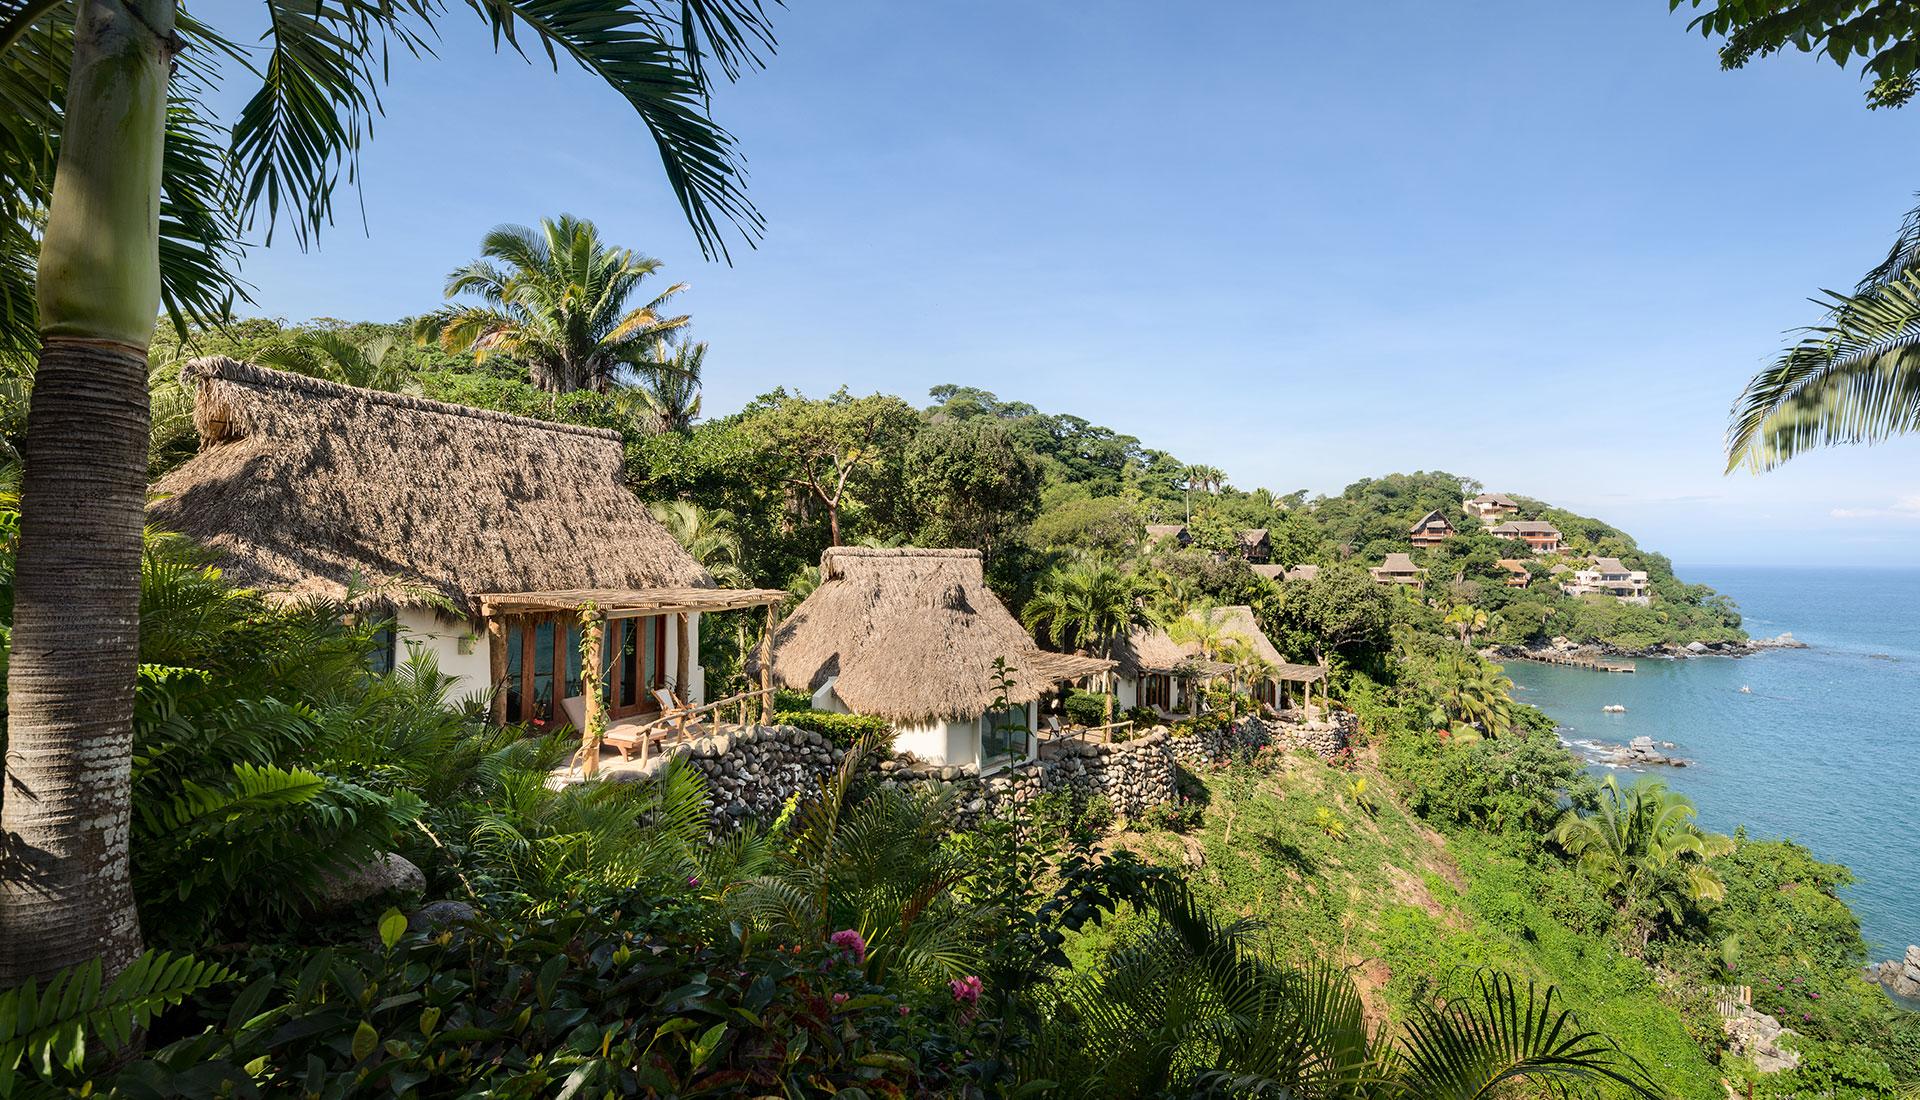 Main Office: обновление курорта в Мексике